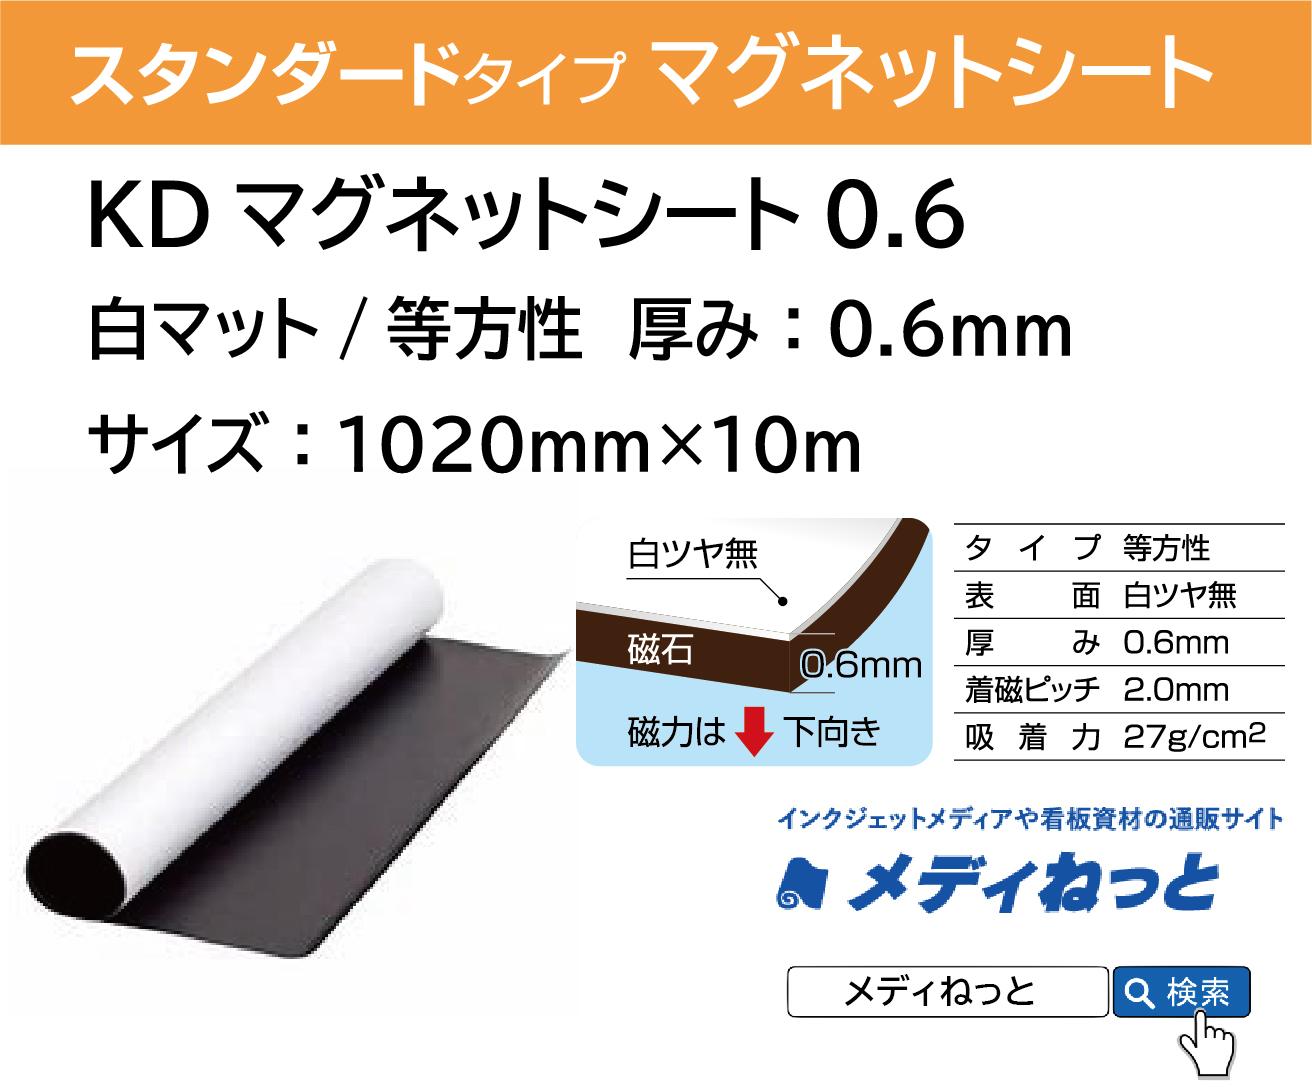 【9月14日~10月末までキャンペーン】KDマグネットシート(白マット/等方性) 厚み:0.6mm/サイズ:1020mm×10mm